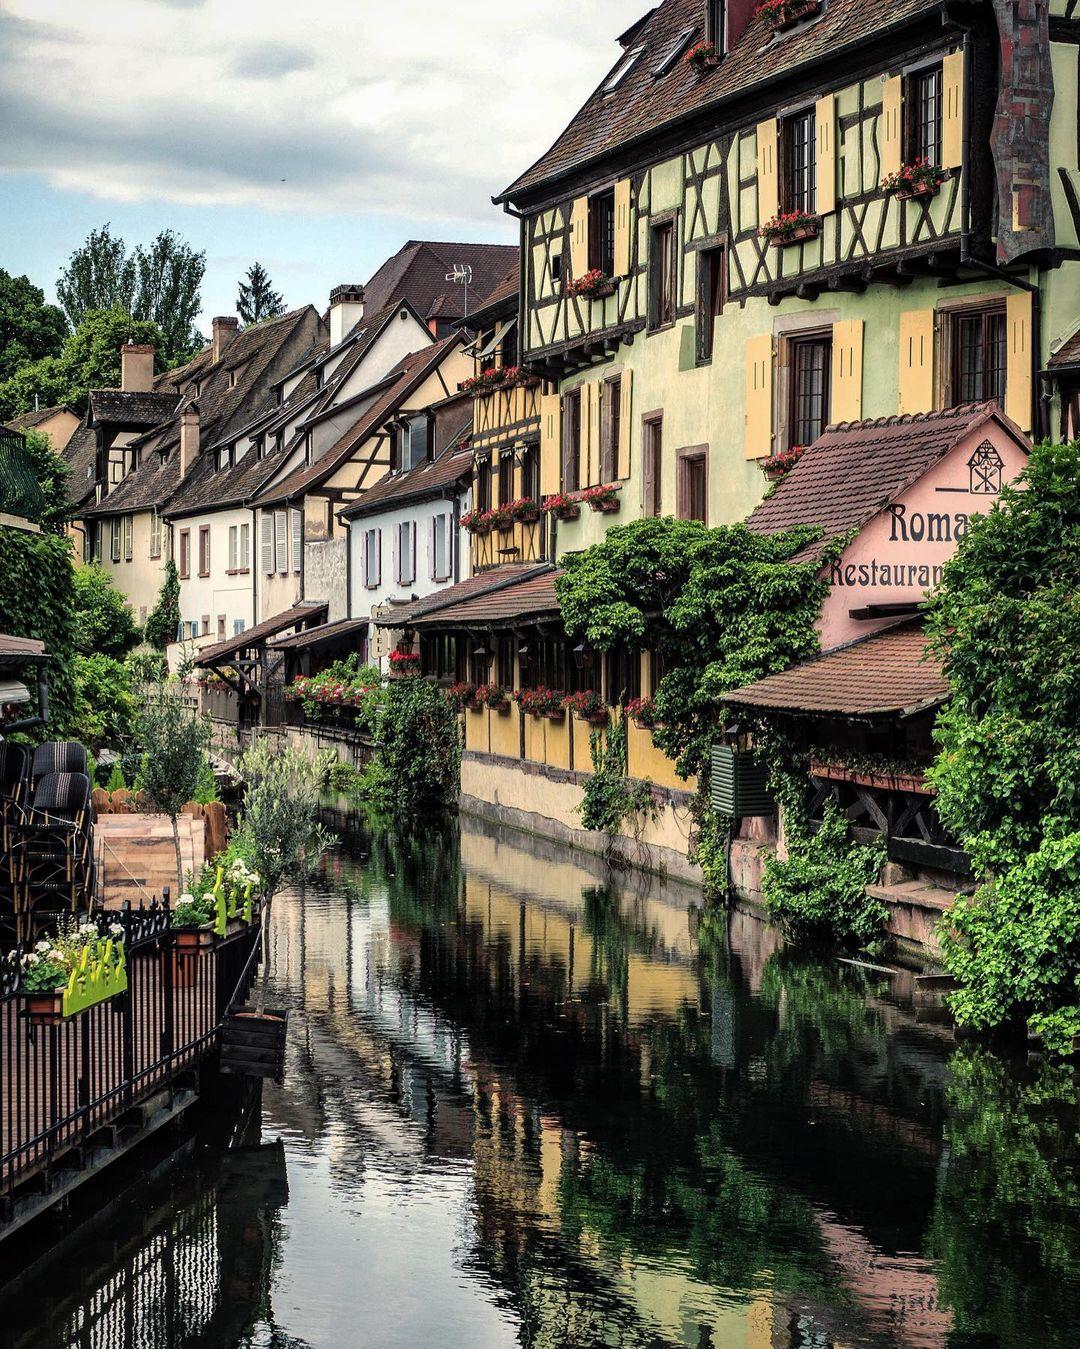 Архитектура и улицы европейских городов на снимках Пьера Брауэра